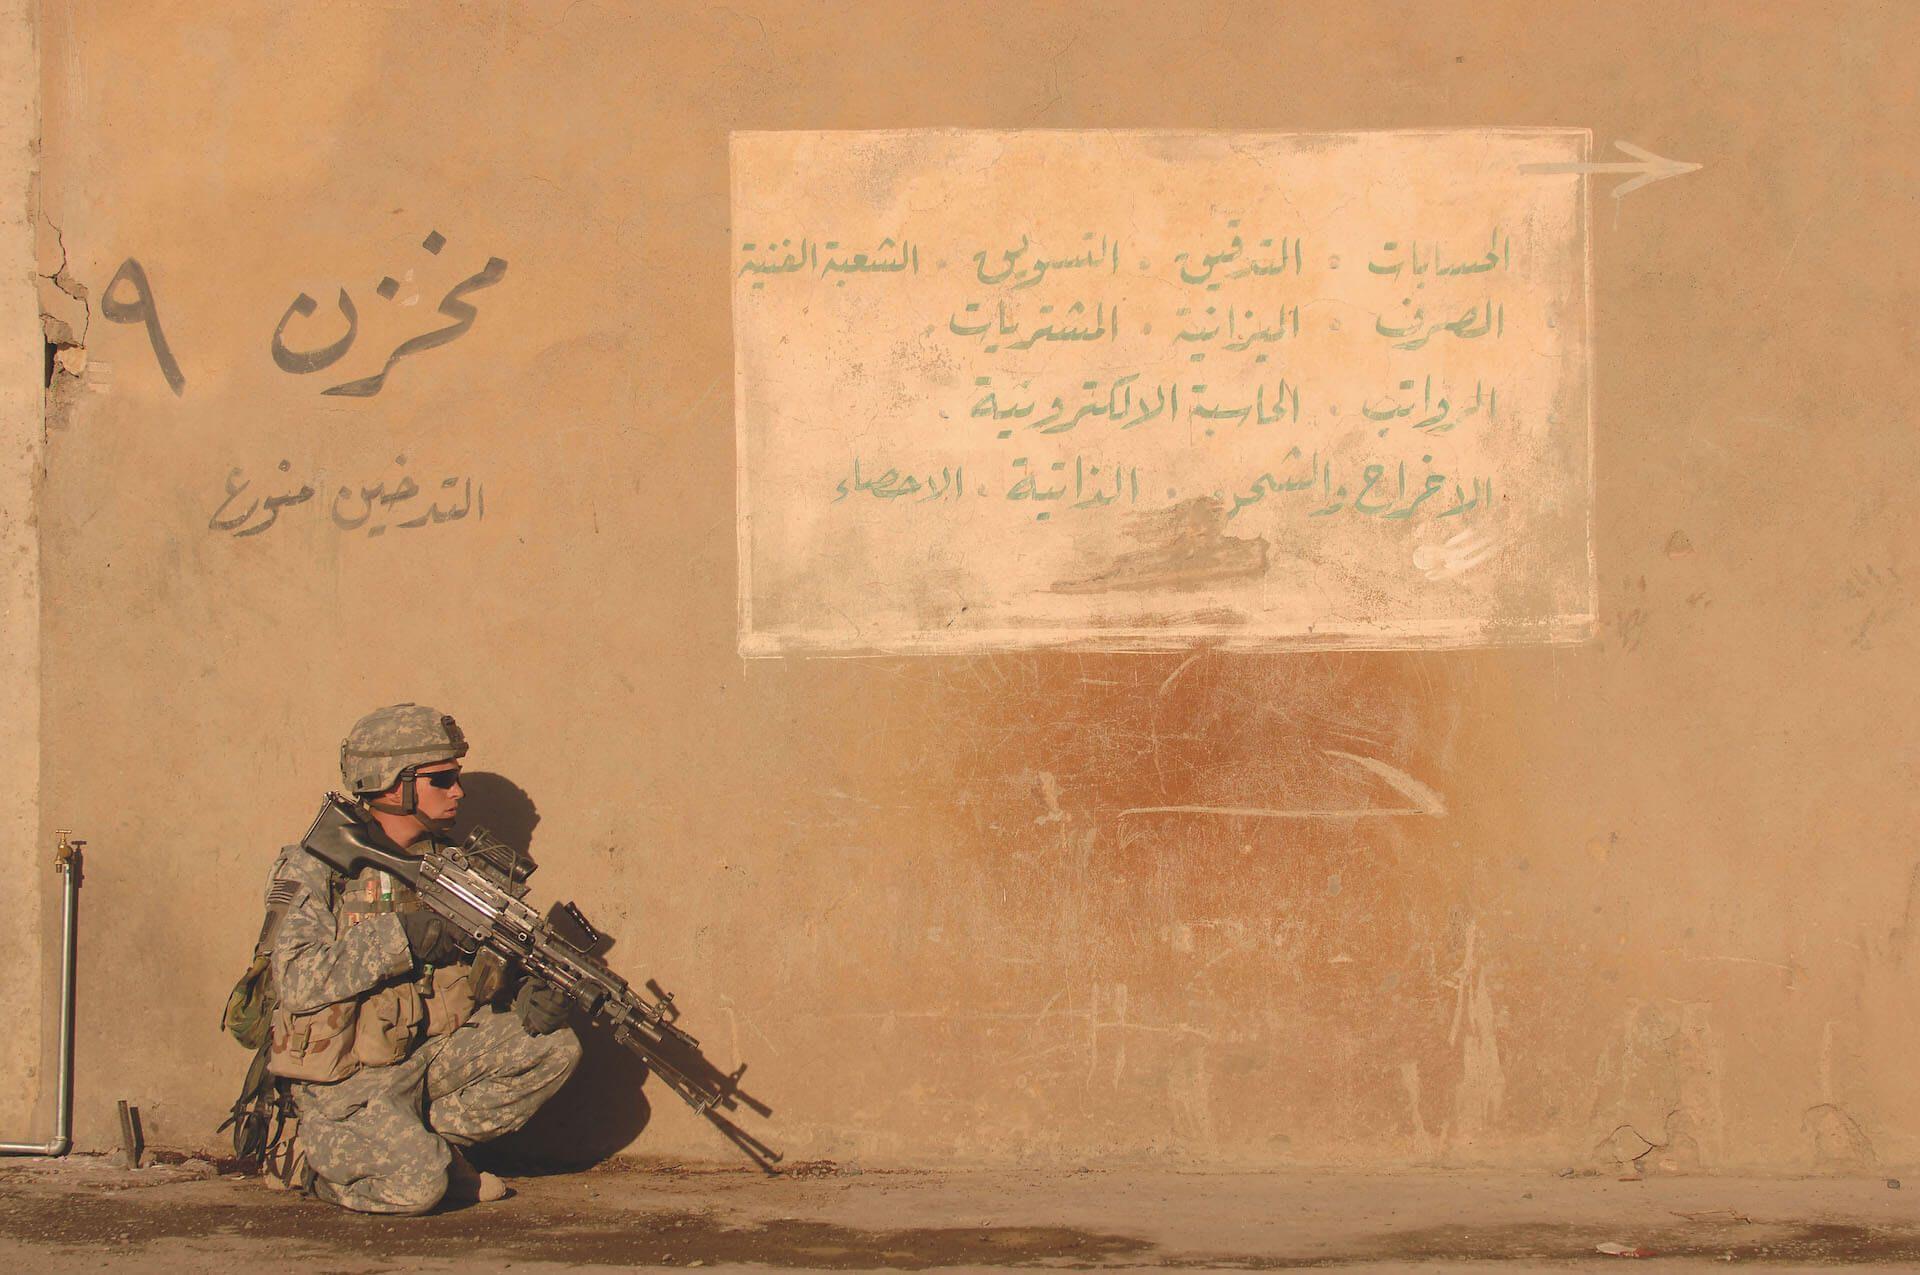 Stryker Mosul